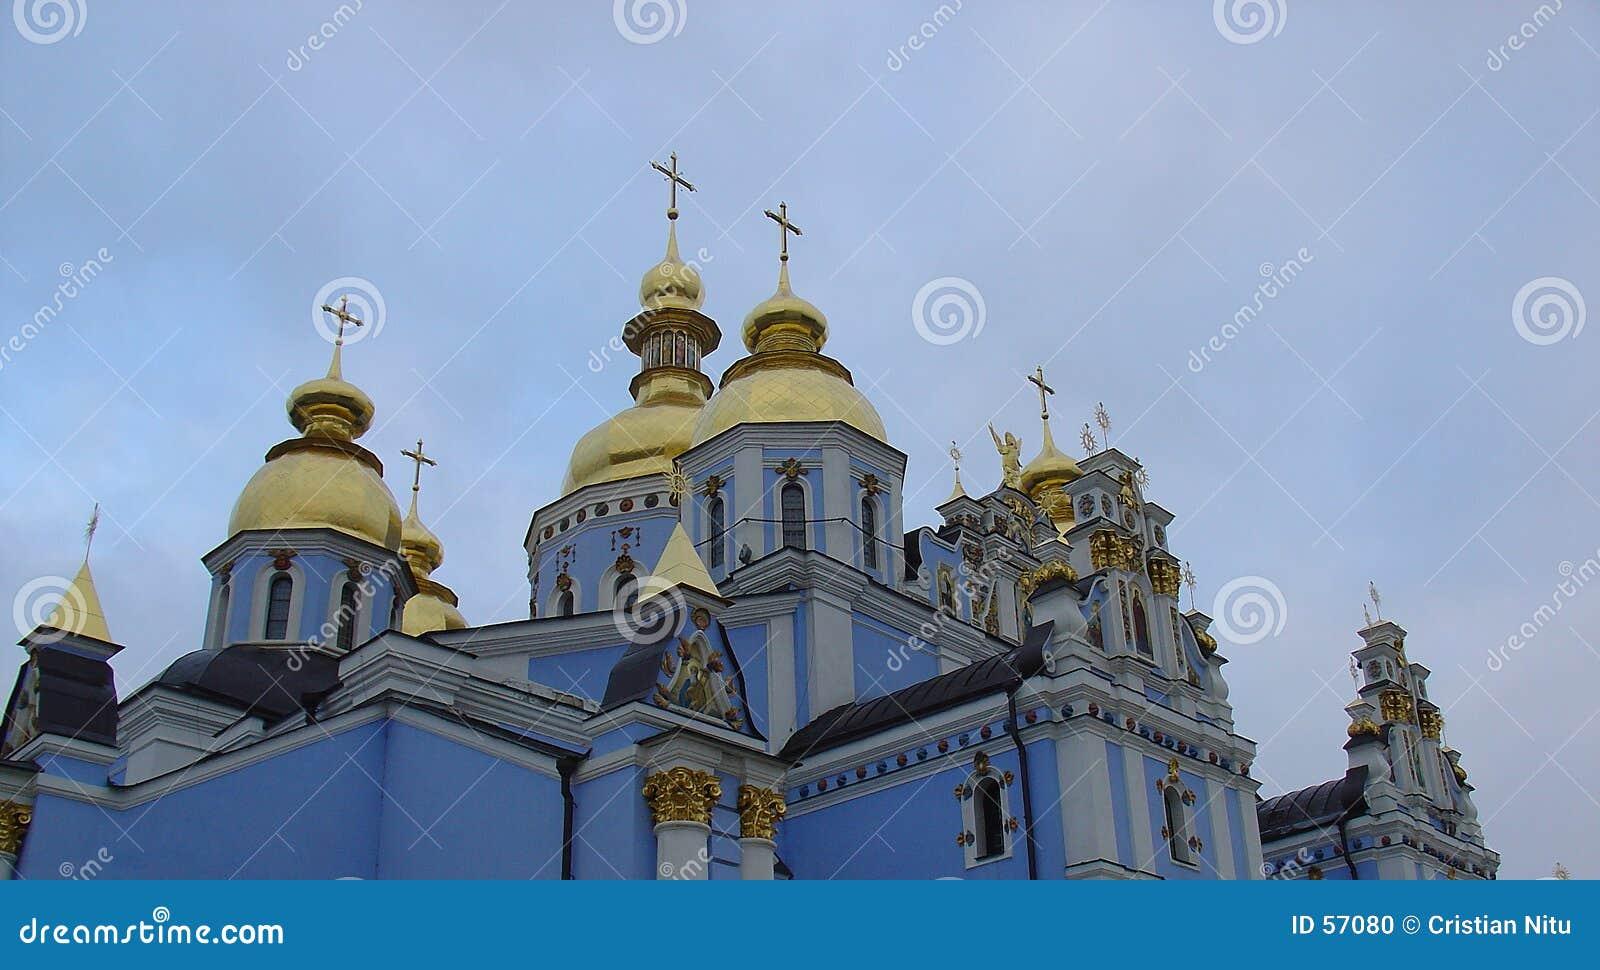 μπλε εκκλησία ρωσικά